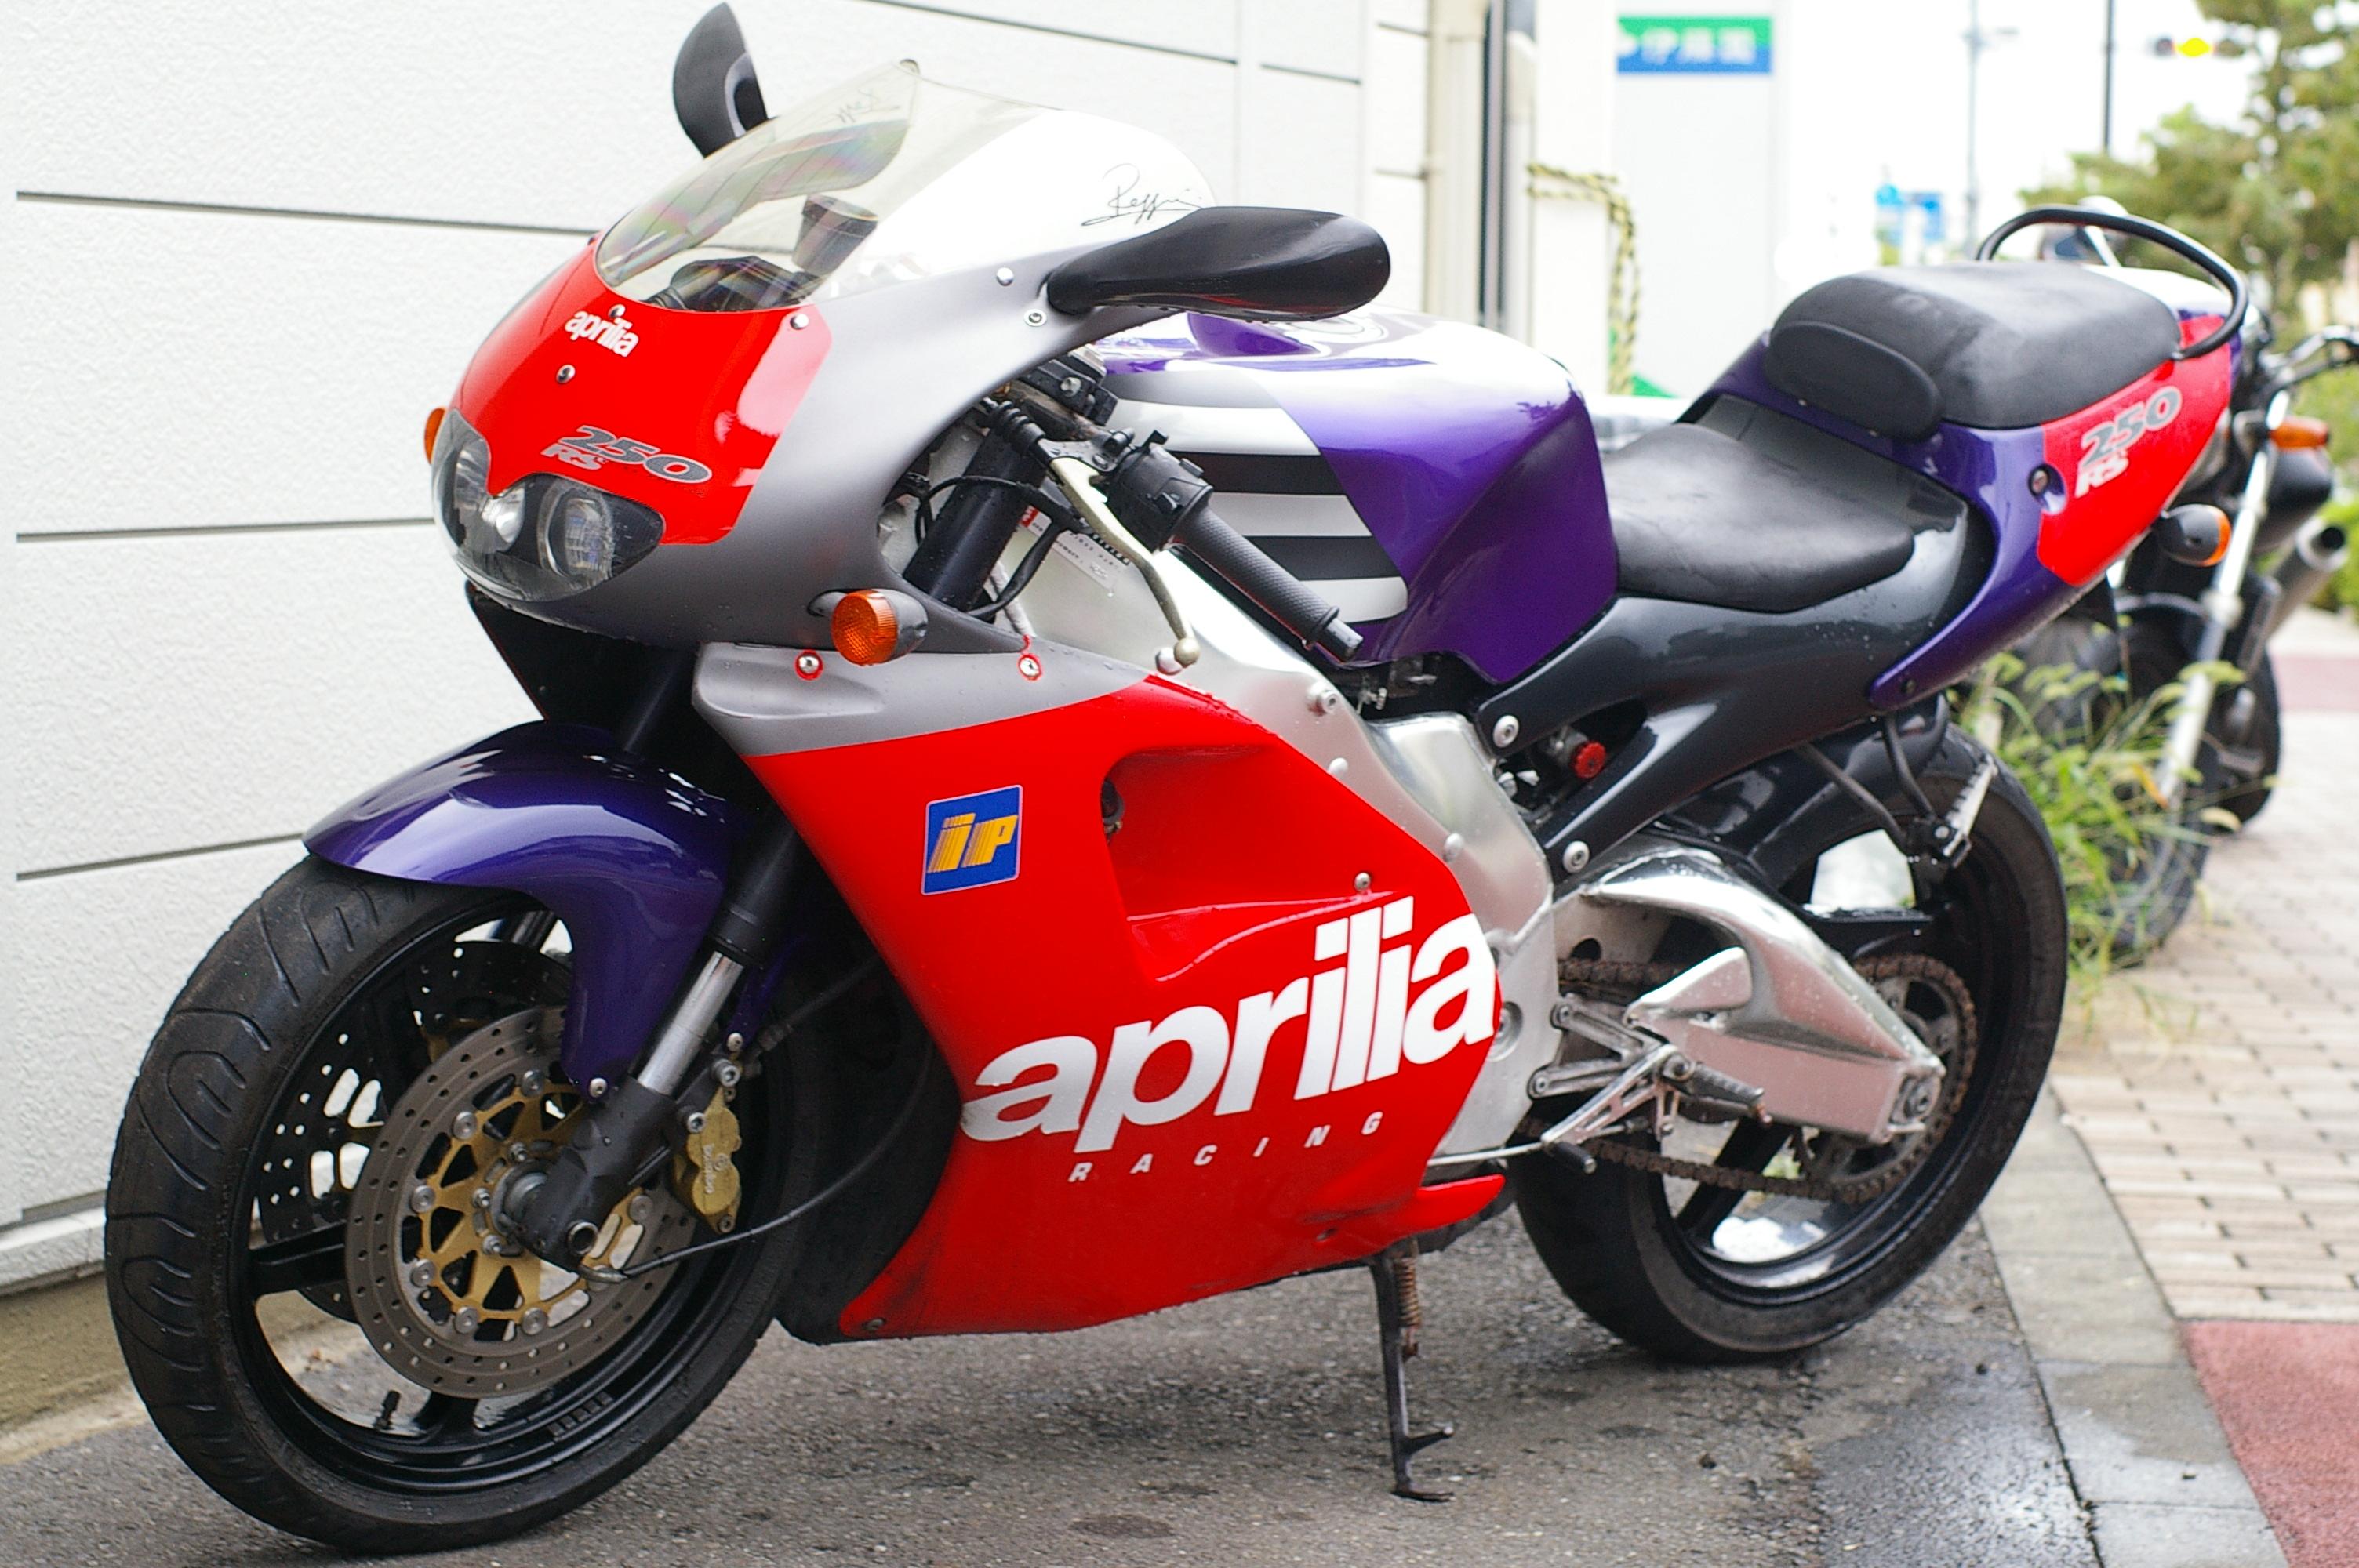 Suzuki Aprilia